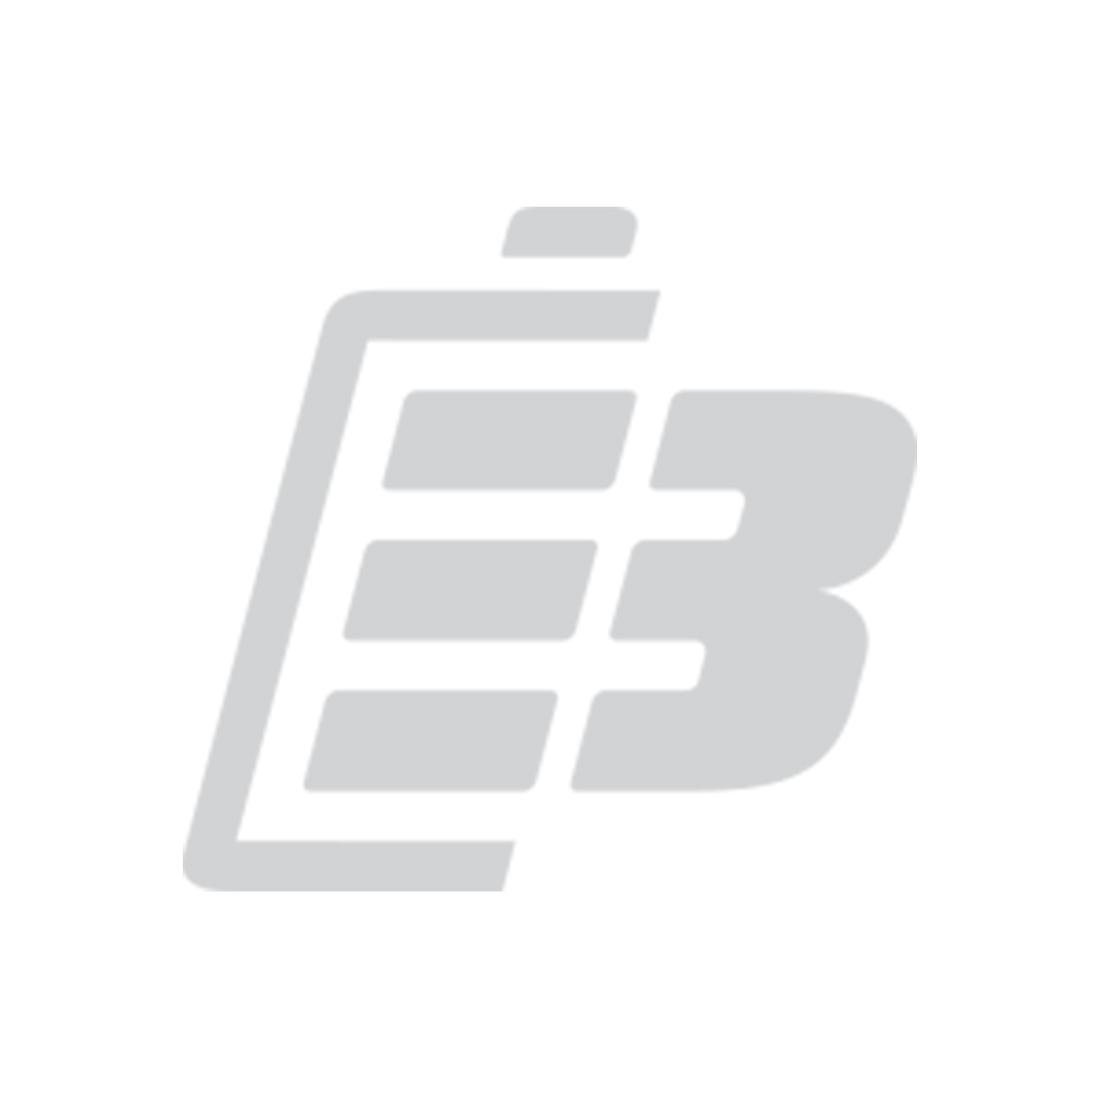 Laptop battery Lenovo S41_1